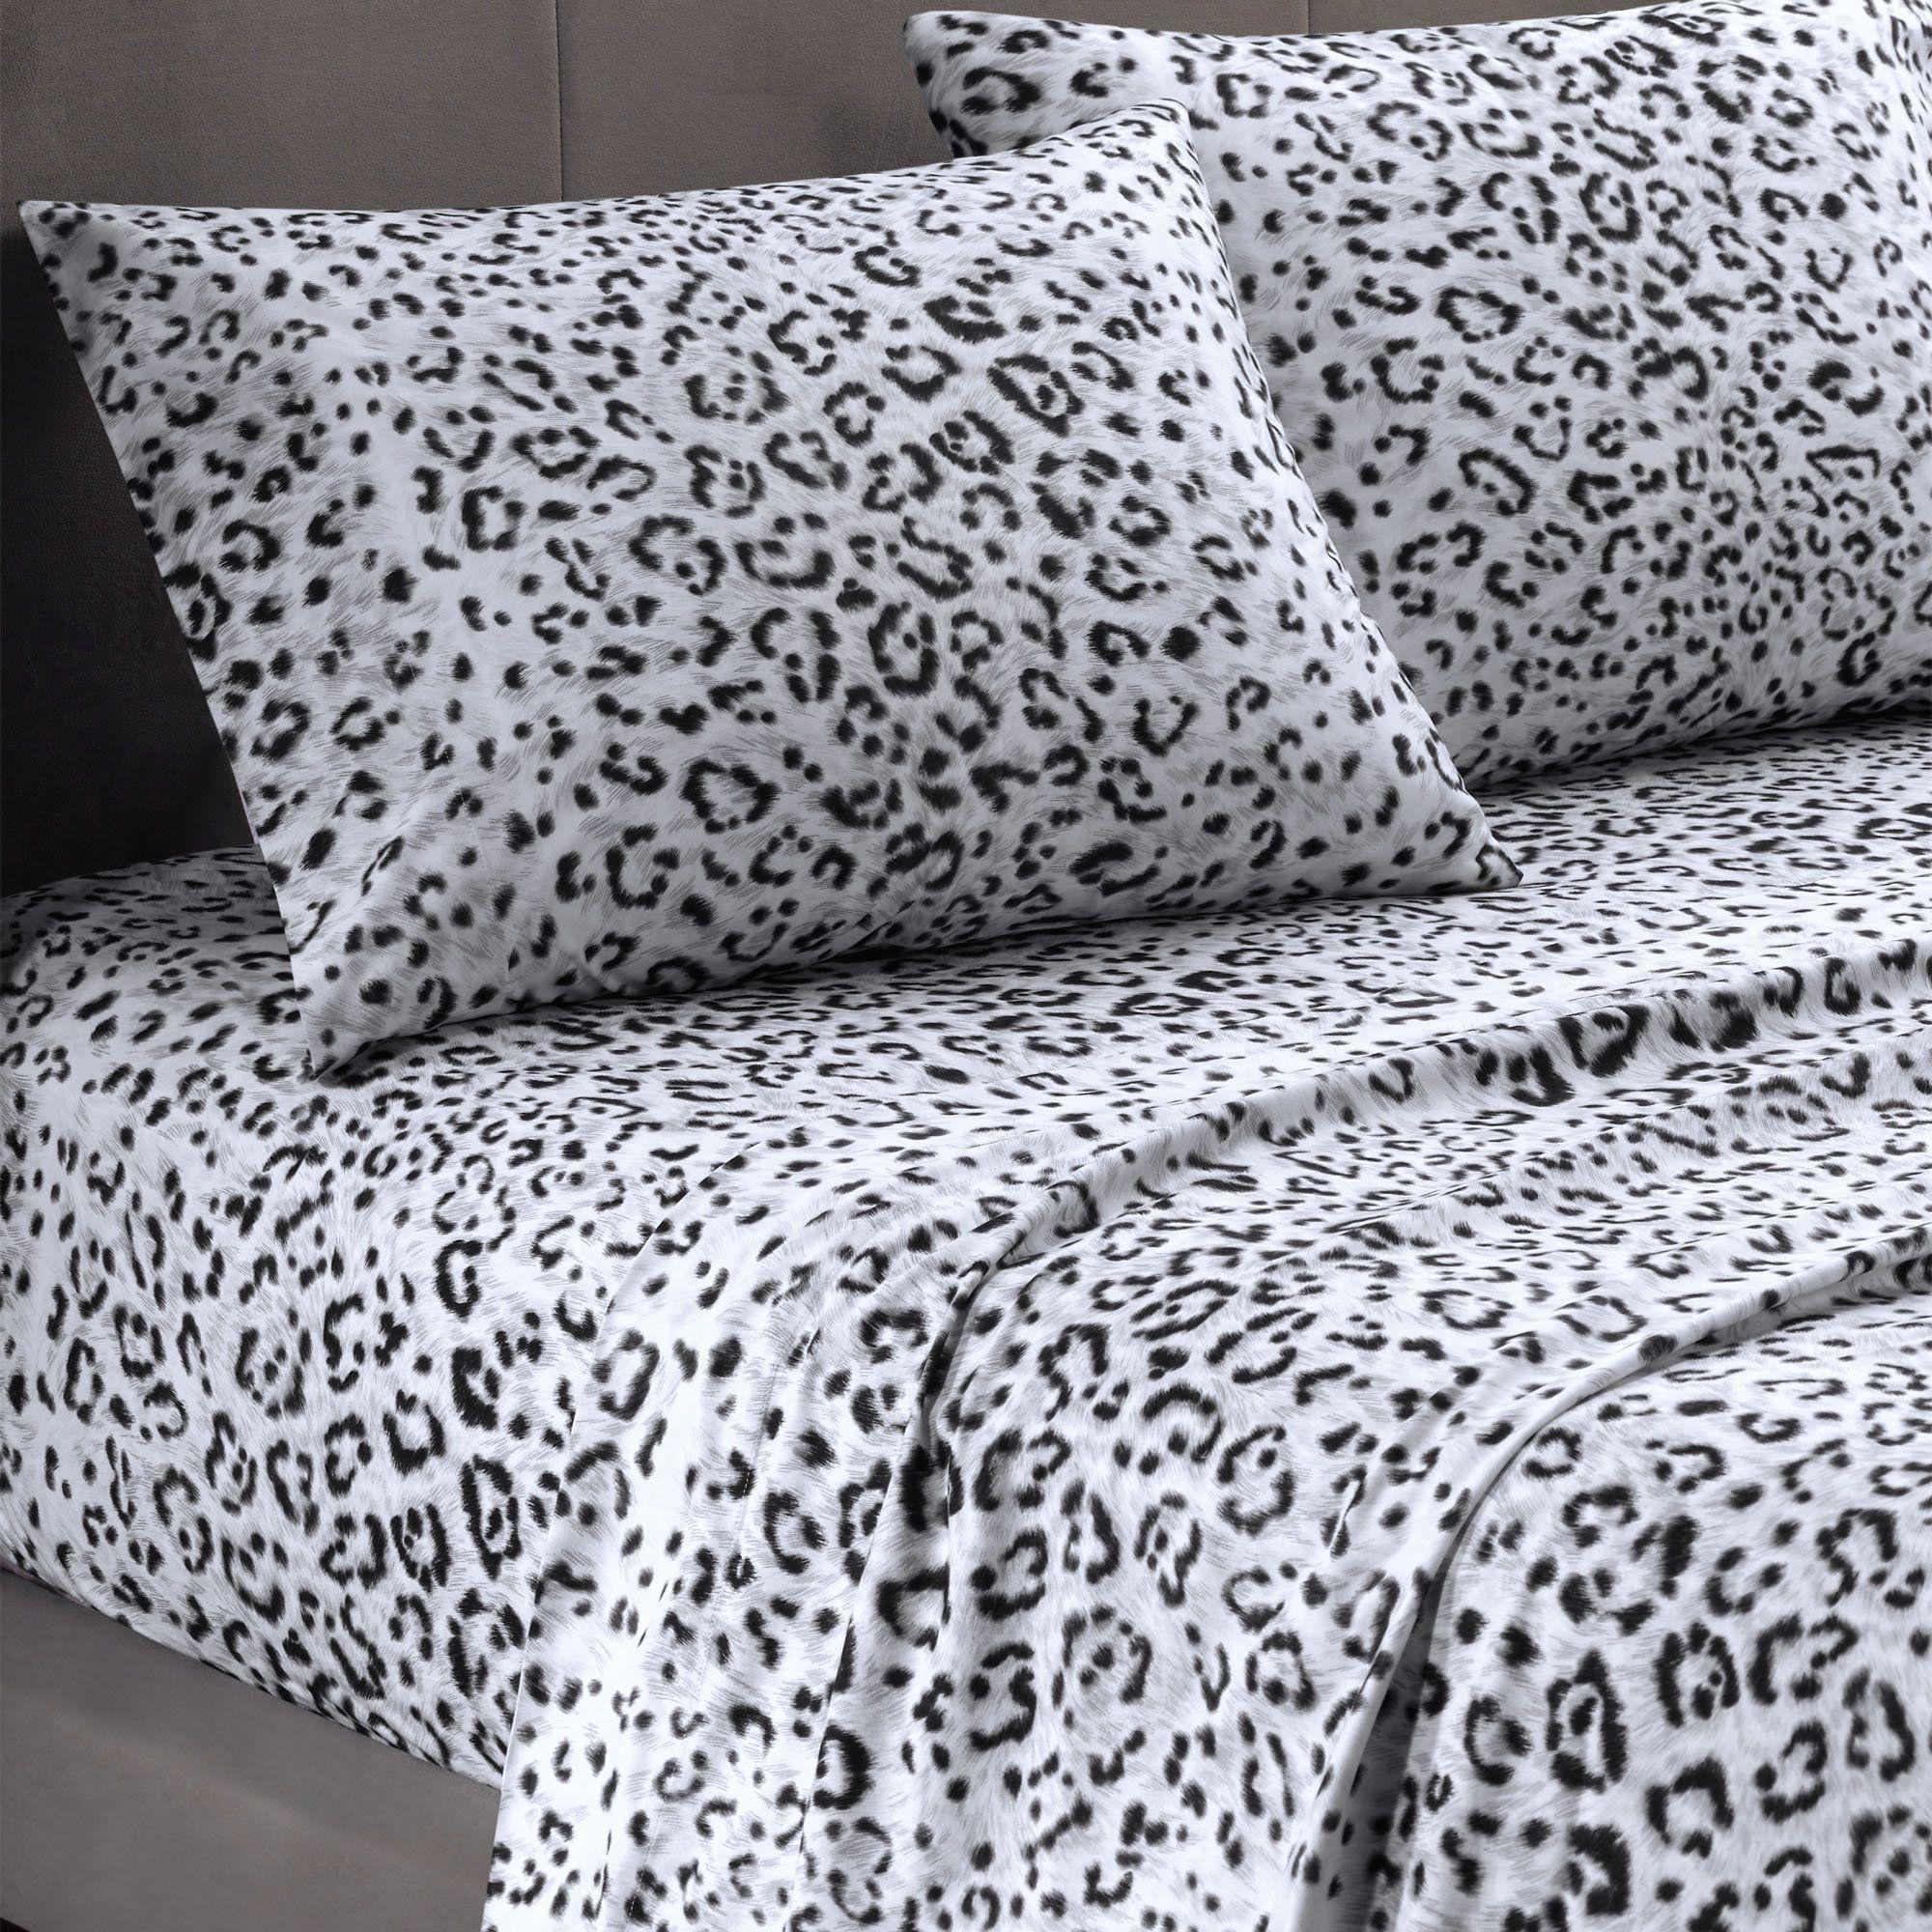 Cozy Spun Snow Leopard Print Sheet Set Bedding Animal